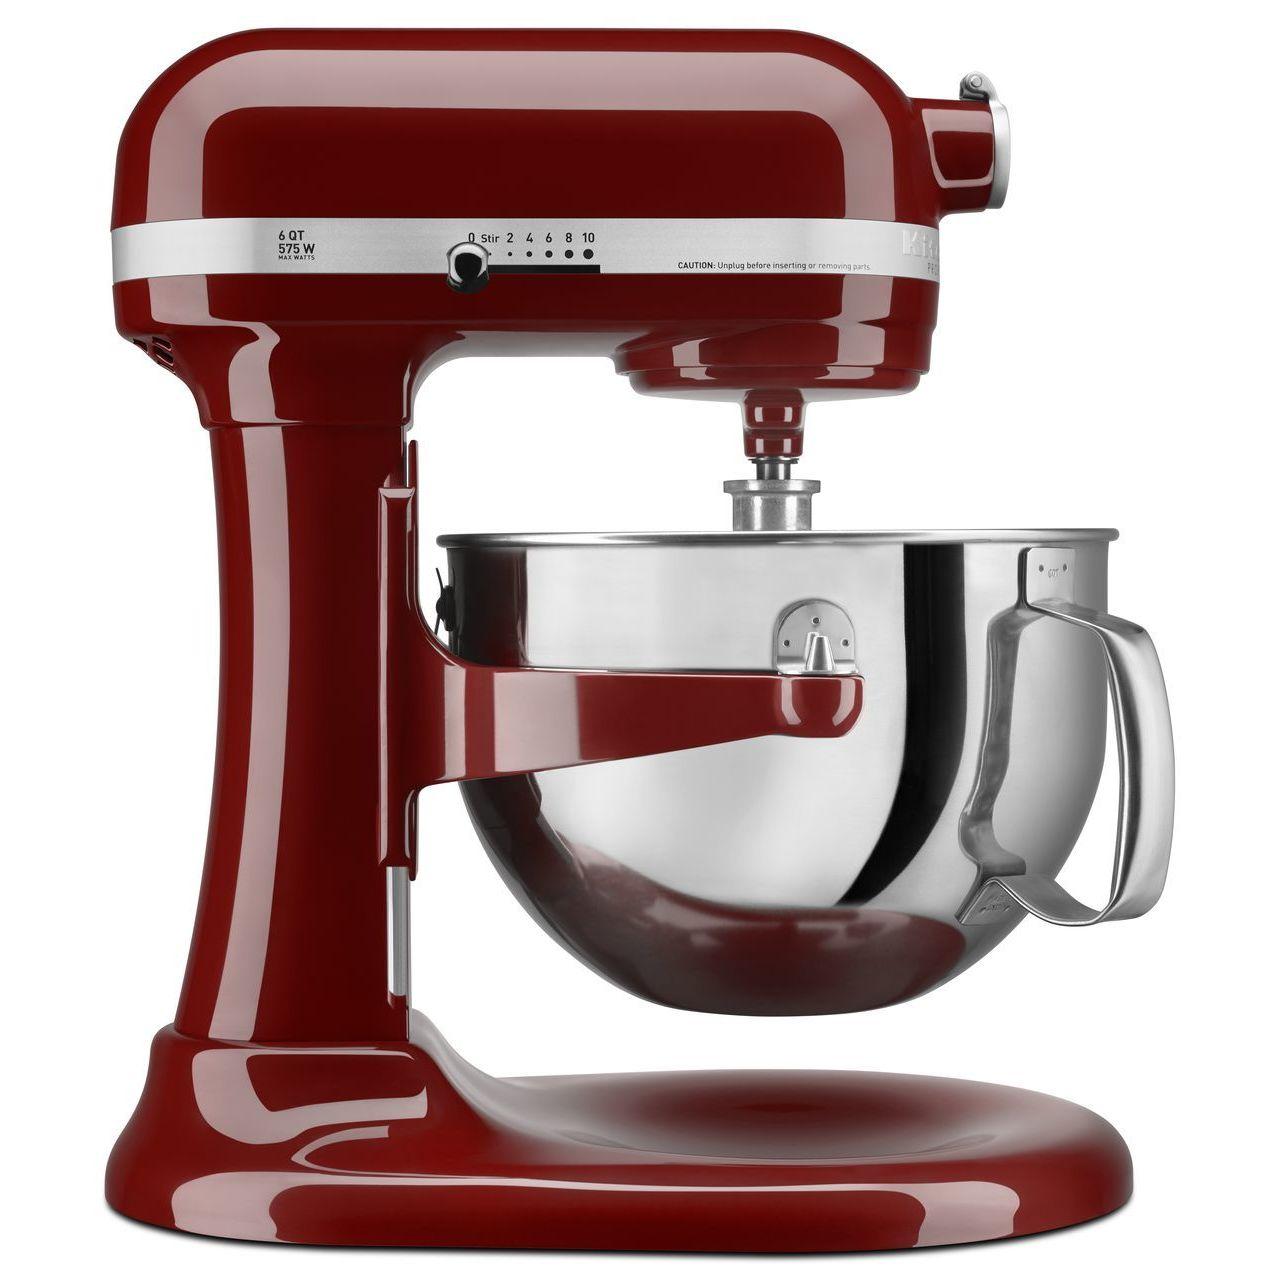 KitchenAid RKP26M1X 6-quart Pro 600 Stand Mixer (Refurbished)